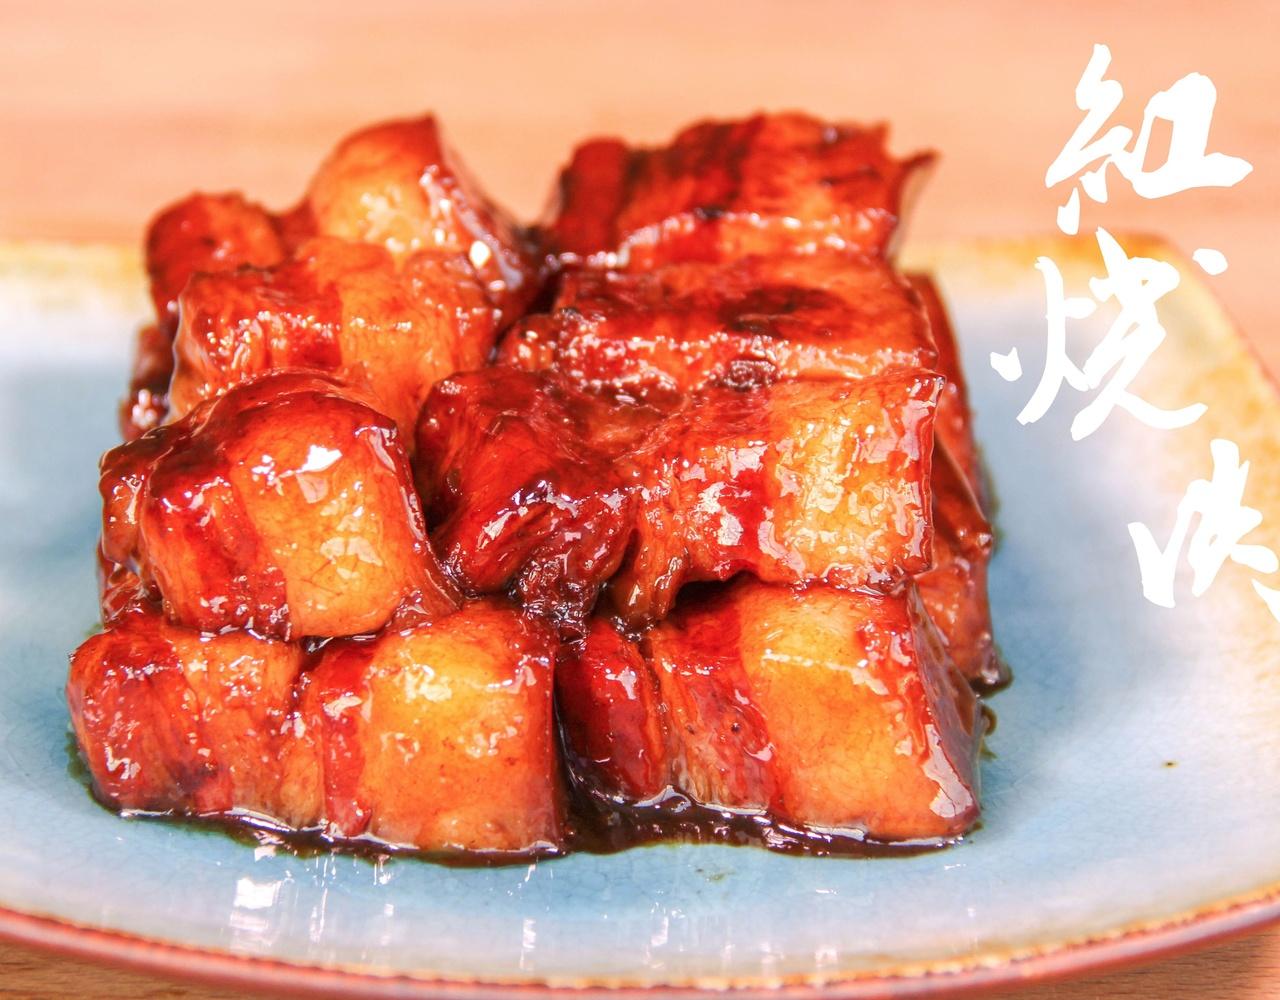 人人都能做好的红烧肉